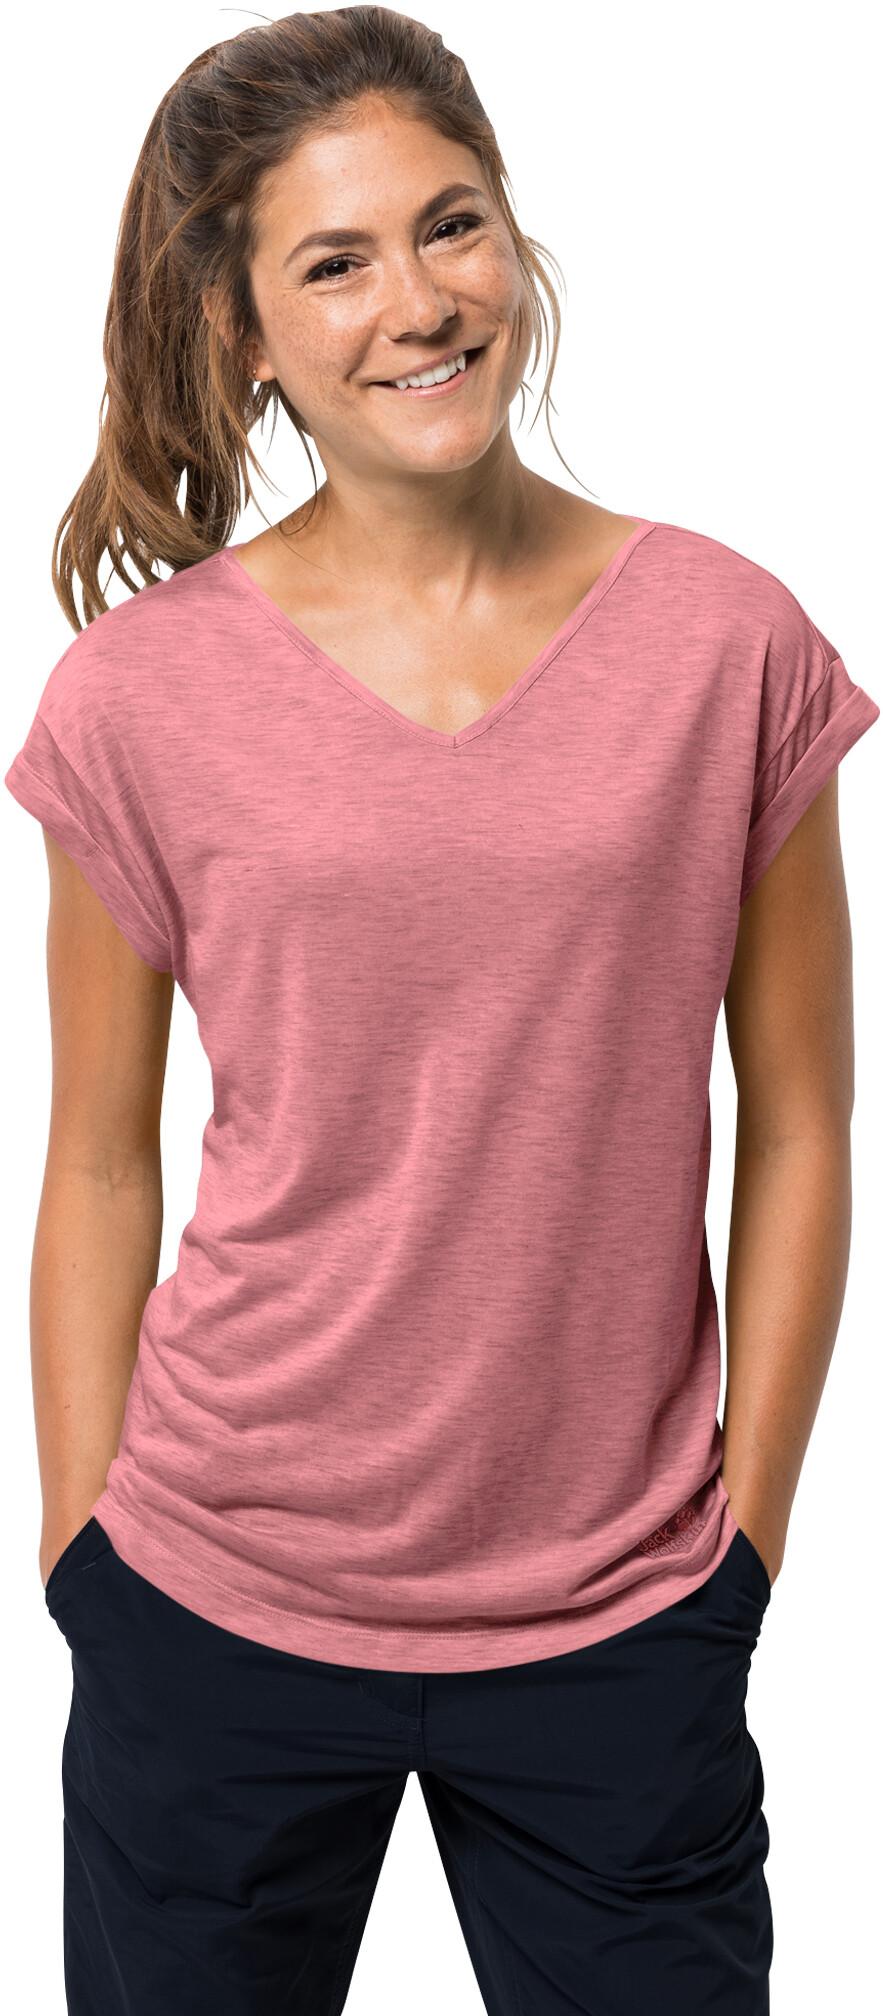 T Shirt Jack Wolfskin Travel Hoody Rose Quartz Damen